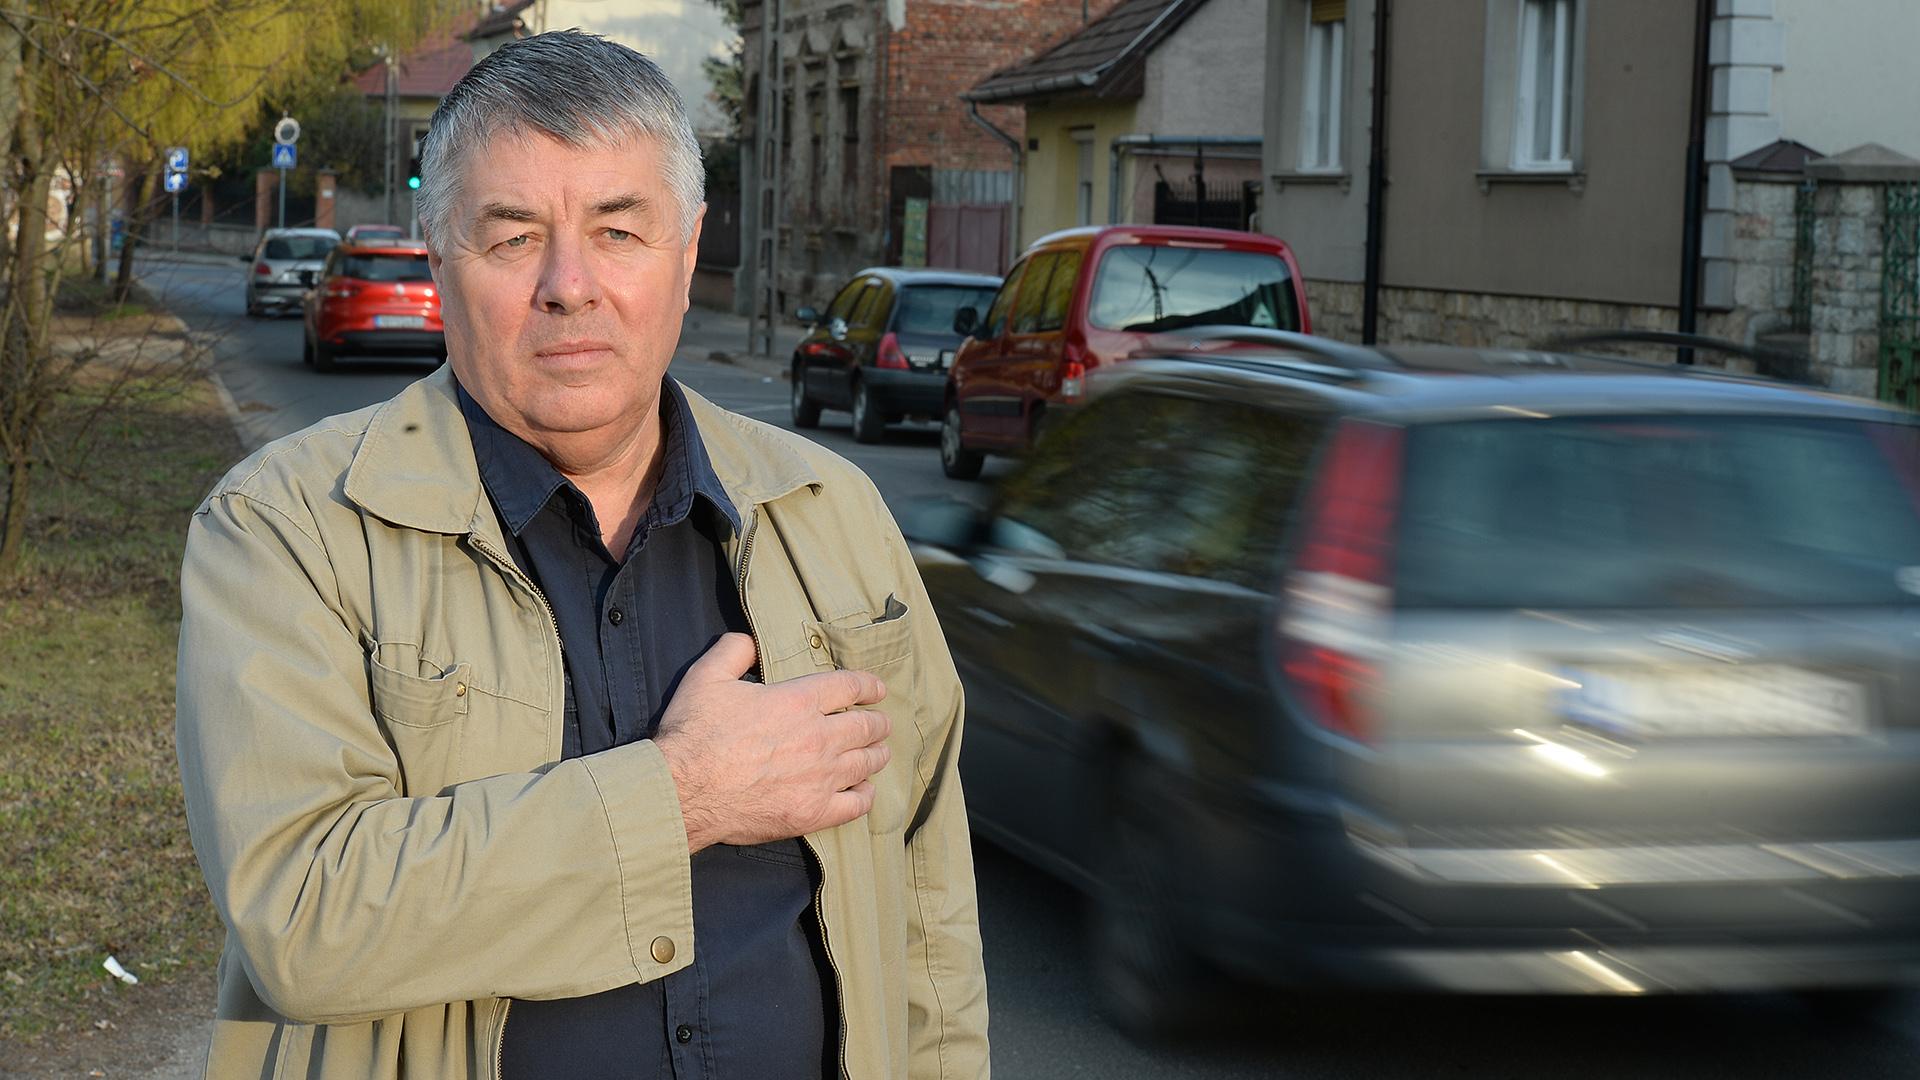 baleseti sebész dr.csiba gábor egészségügy kórházigazgató molnár fruzsina orvosdinasztia szabadidős életmentés